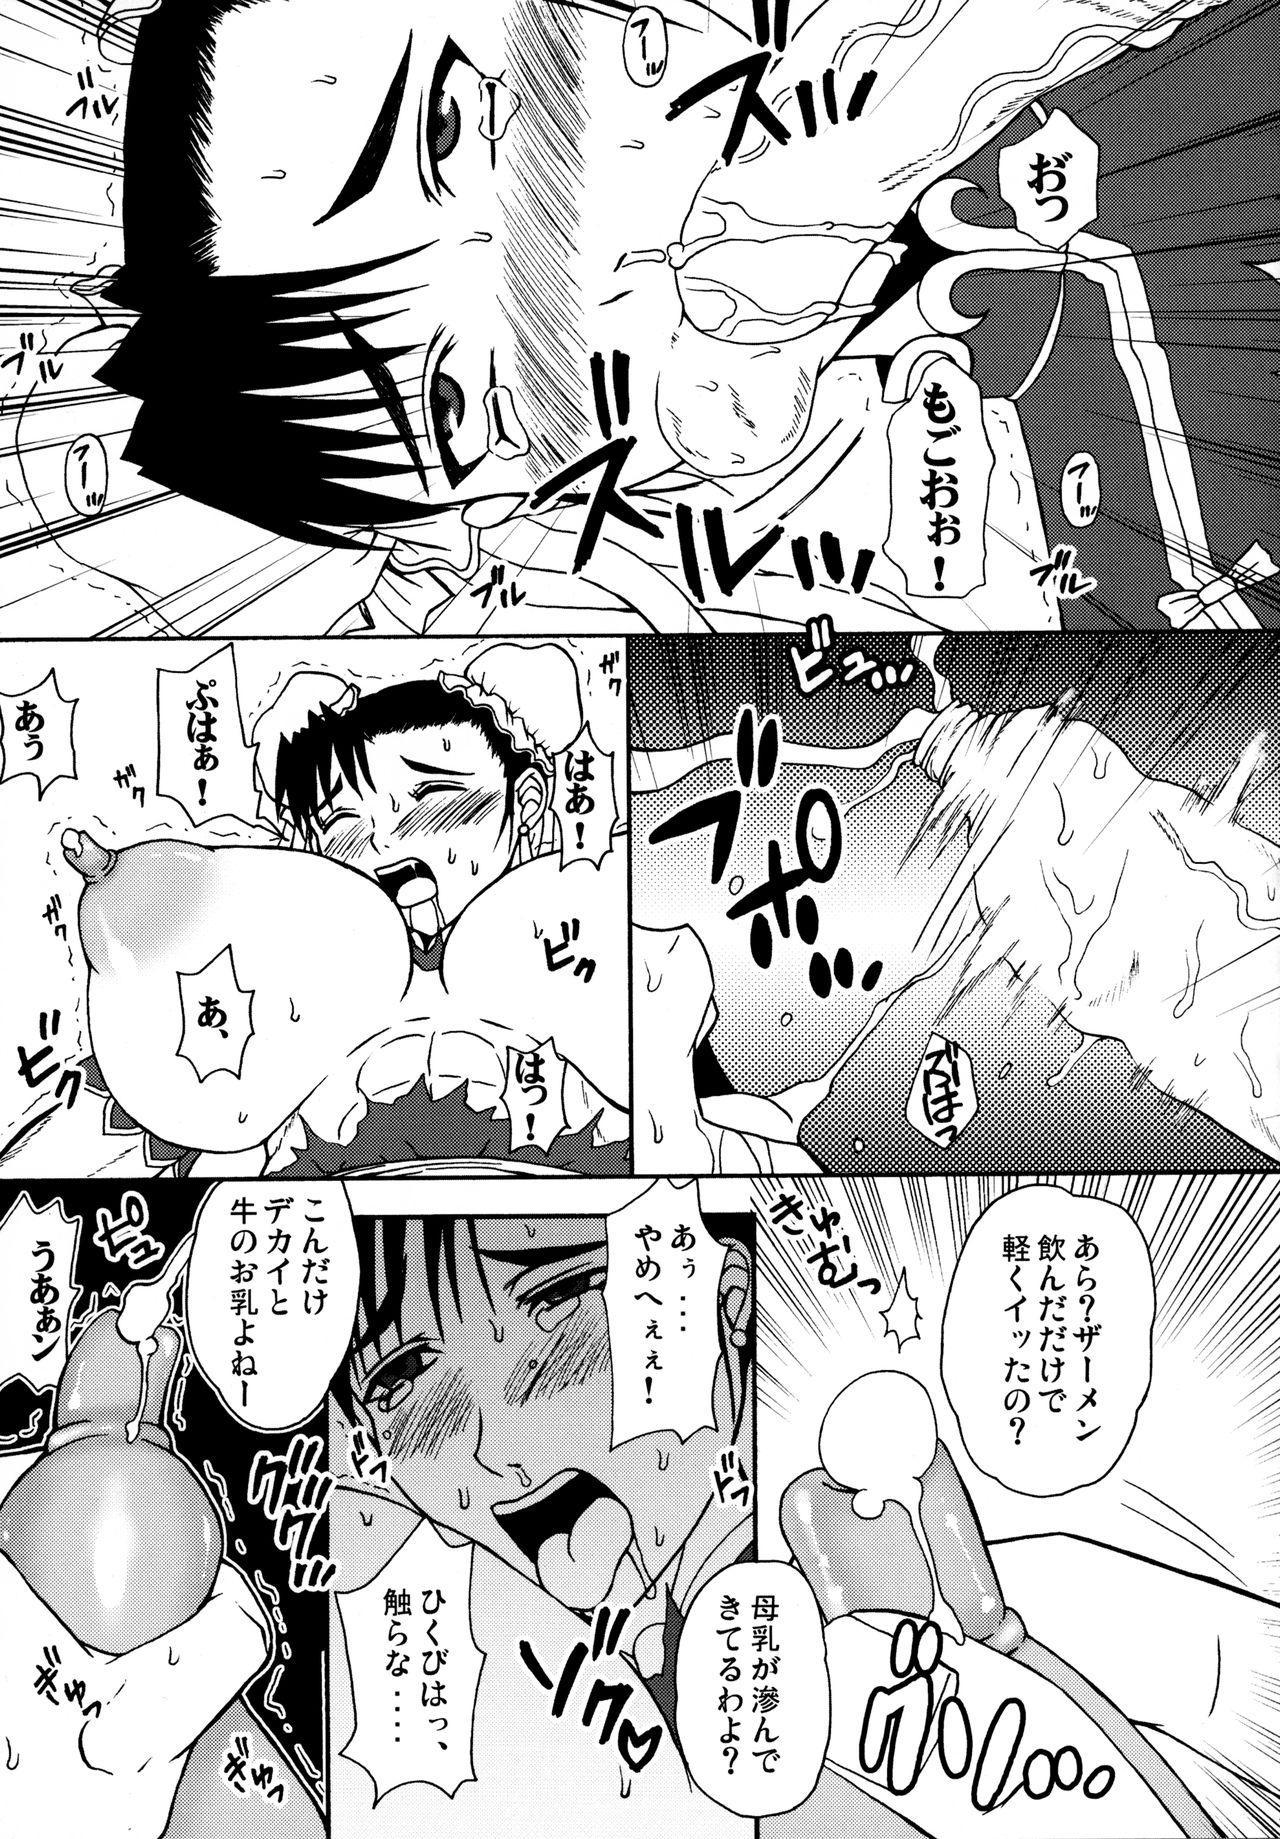 Kaku Musume Futa Suka Sairoku 9